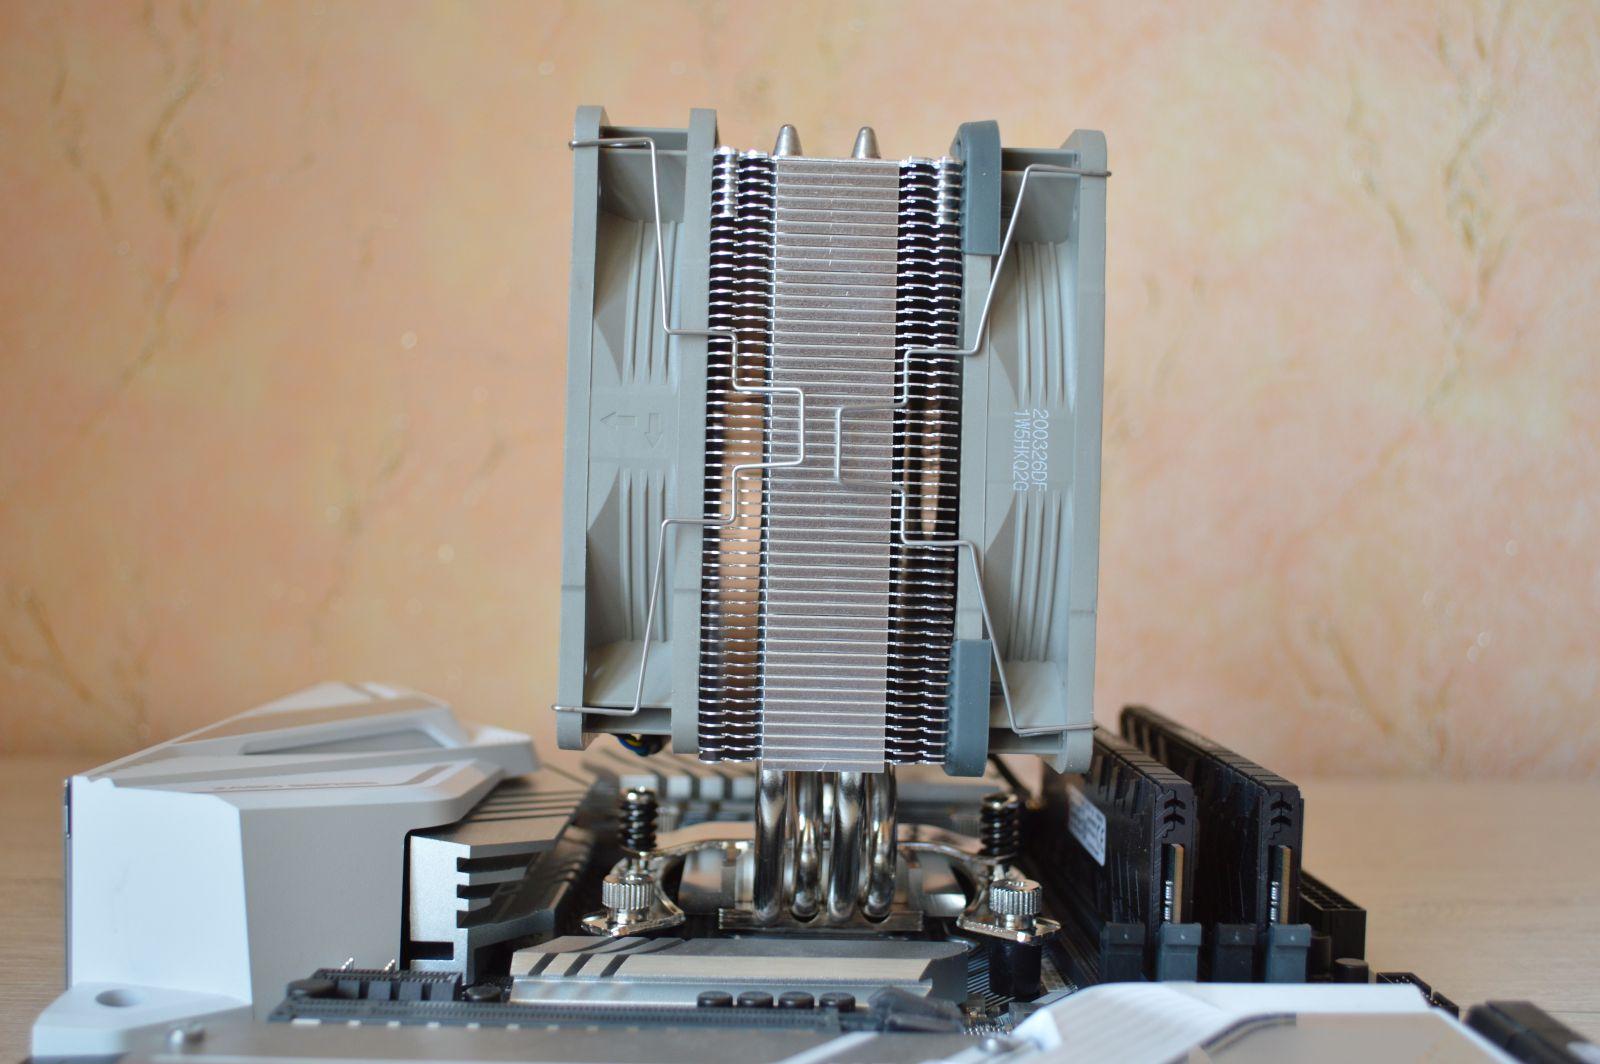 Noctua NH-U12S redux с двумя вентиляторами